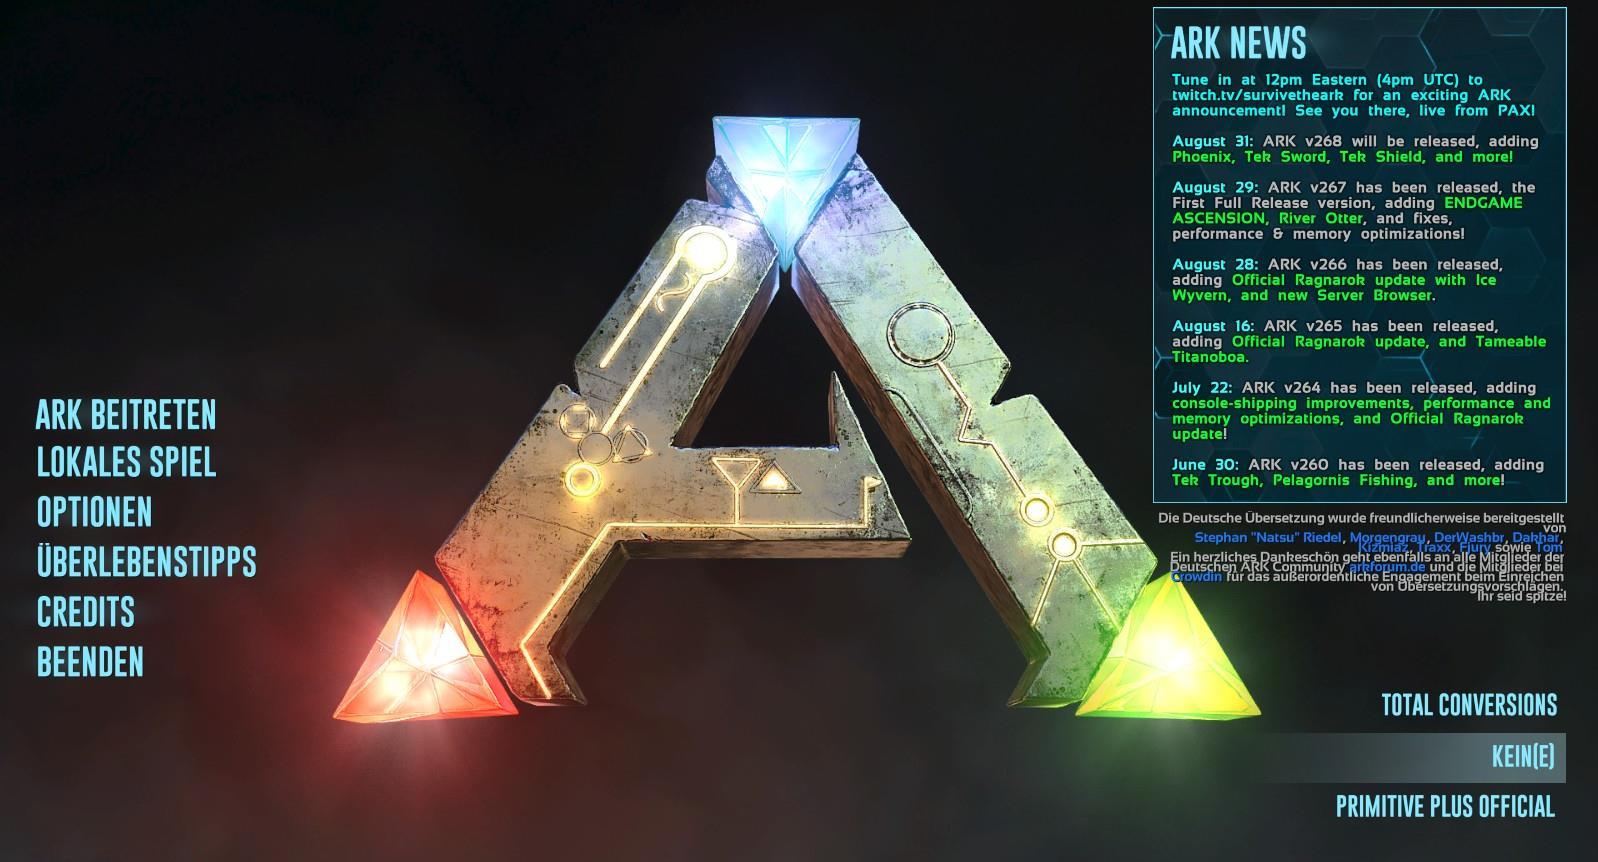 Steam Community :: Guide :: Ark: Survival Evolved - Anfänger Guide v2.3